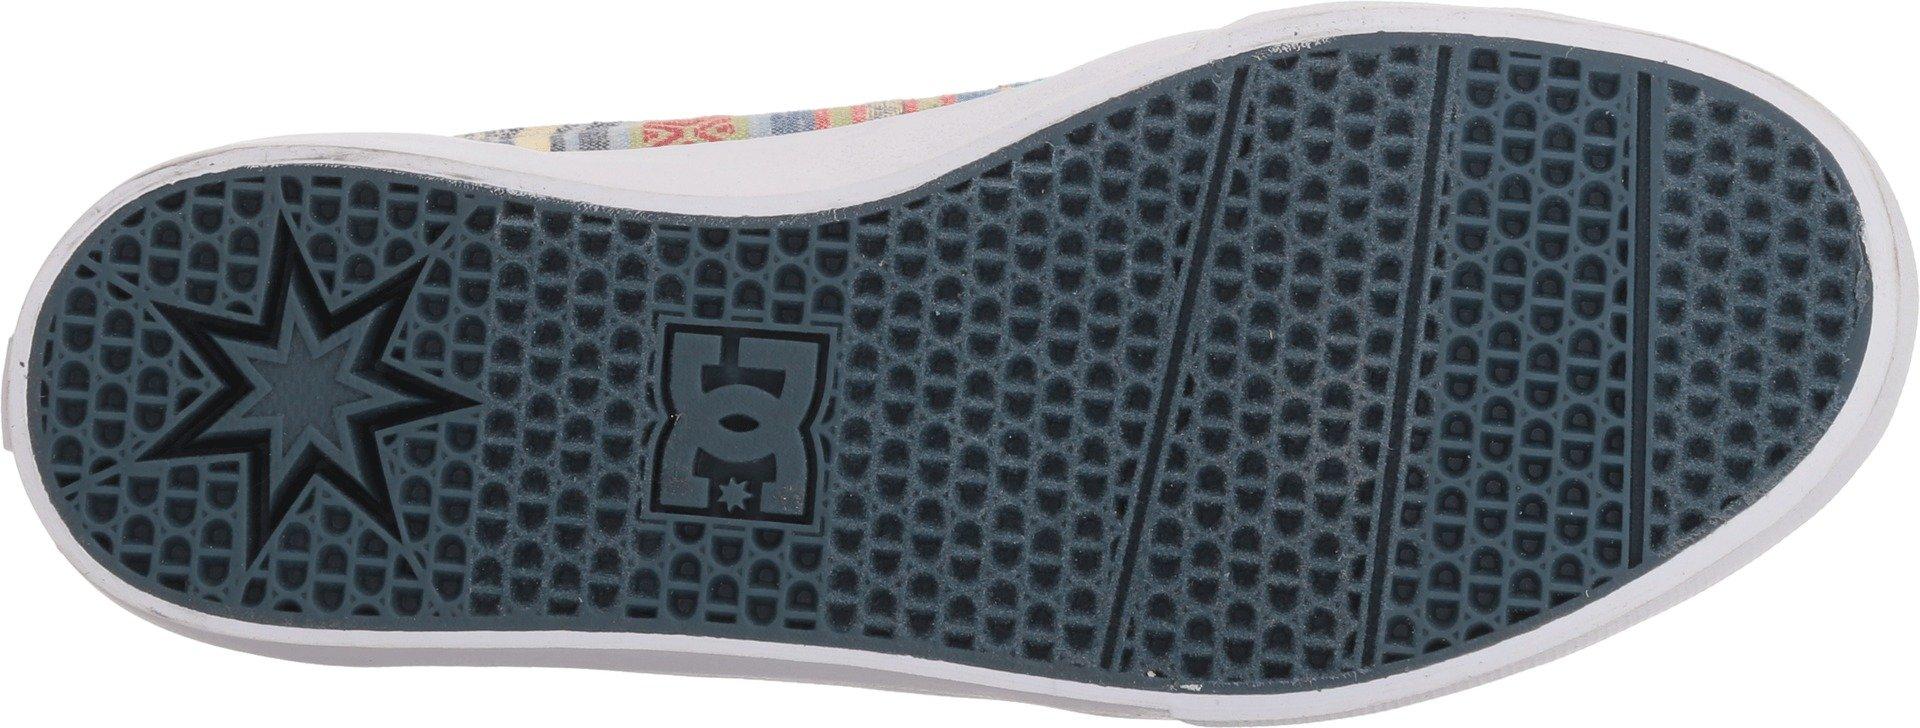 DC Women's Trase TX SE Skate Shoe, Multi, 7.5 B B US by DC (Image #3)